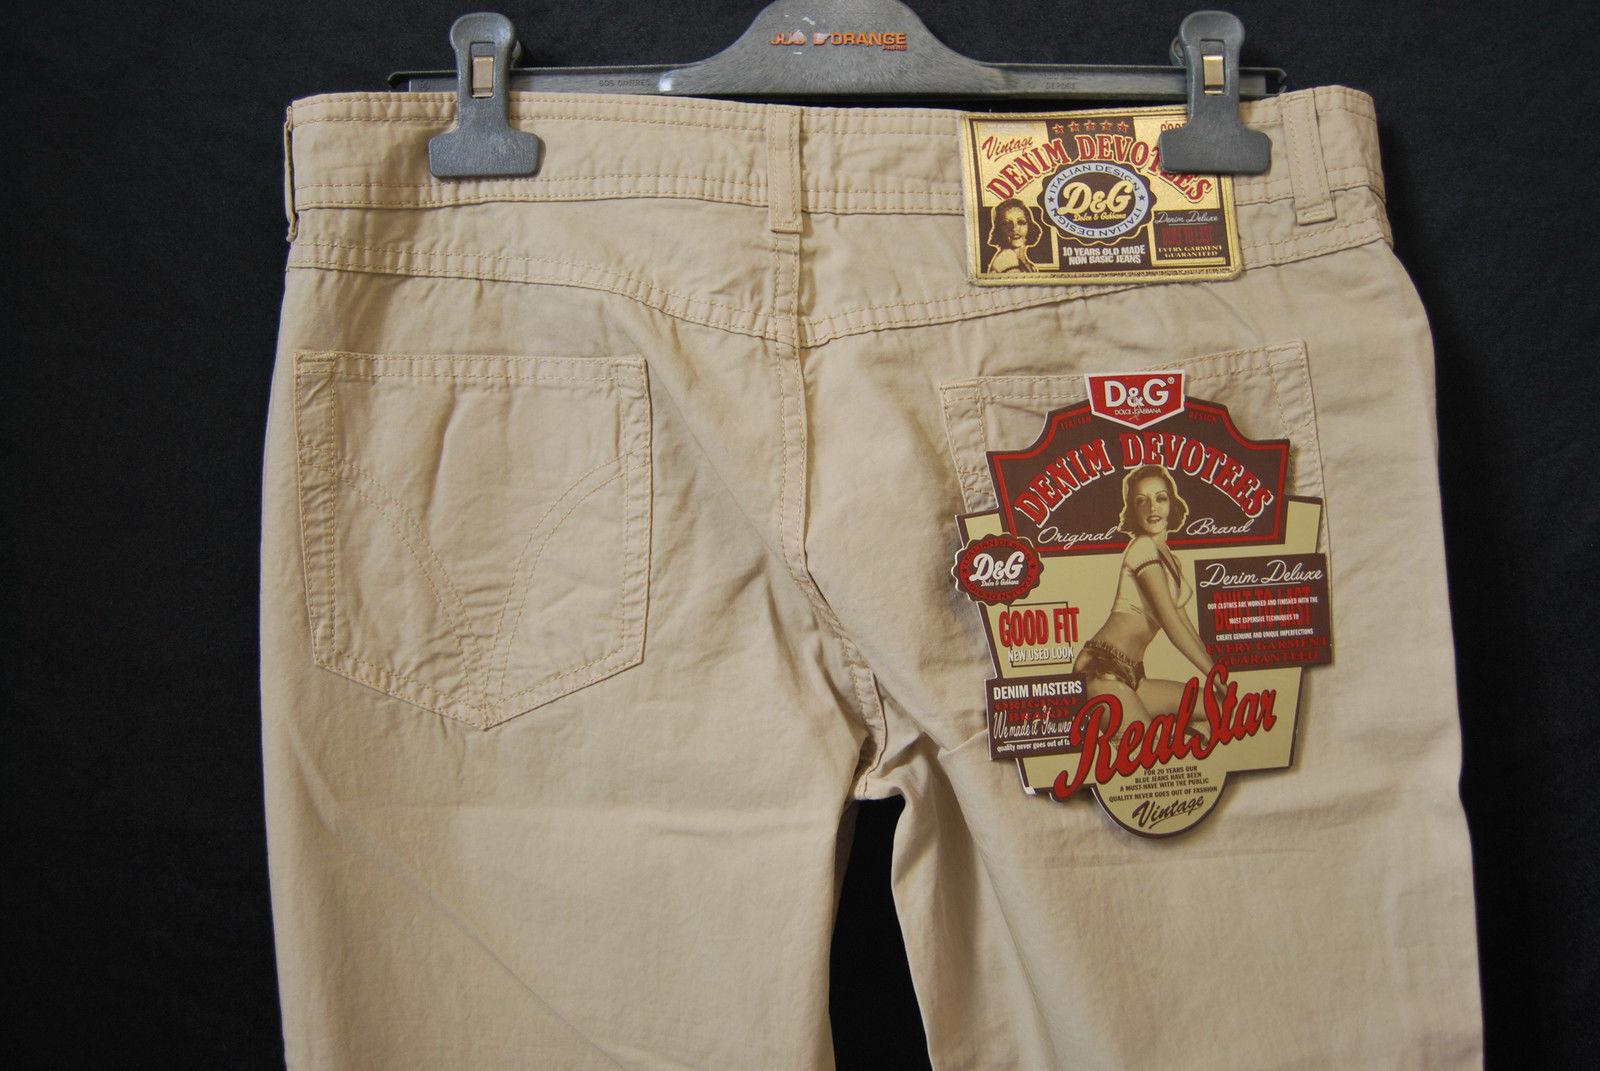 DOLCE&GABBANA Hose NEU Gr. 38 W31  Original Original Original EDEL Vintage Style 199 - D-1537 63ebbd